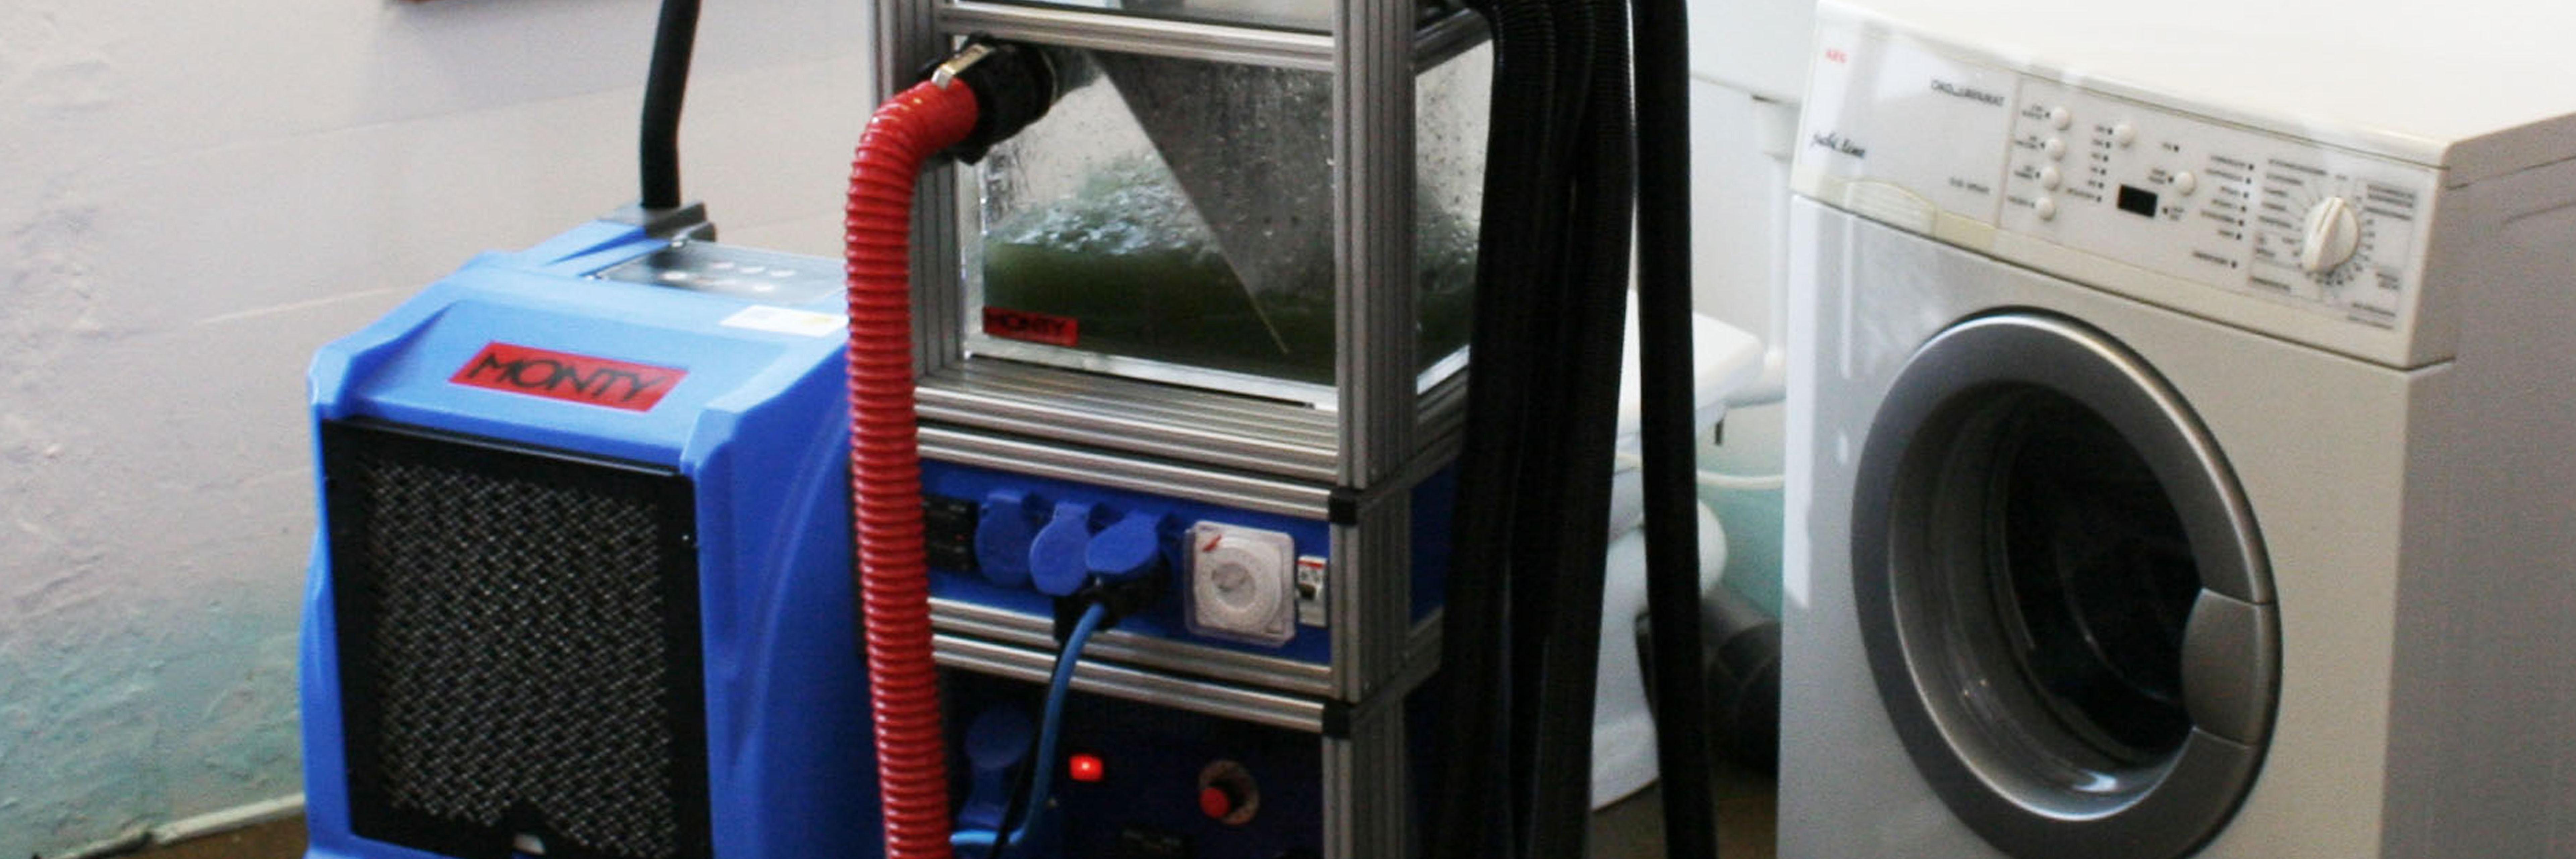 ImmobilienSchadenService-Webinar: Top aufgestellt bei Wasserschäden